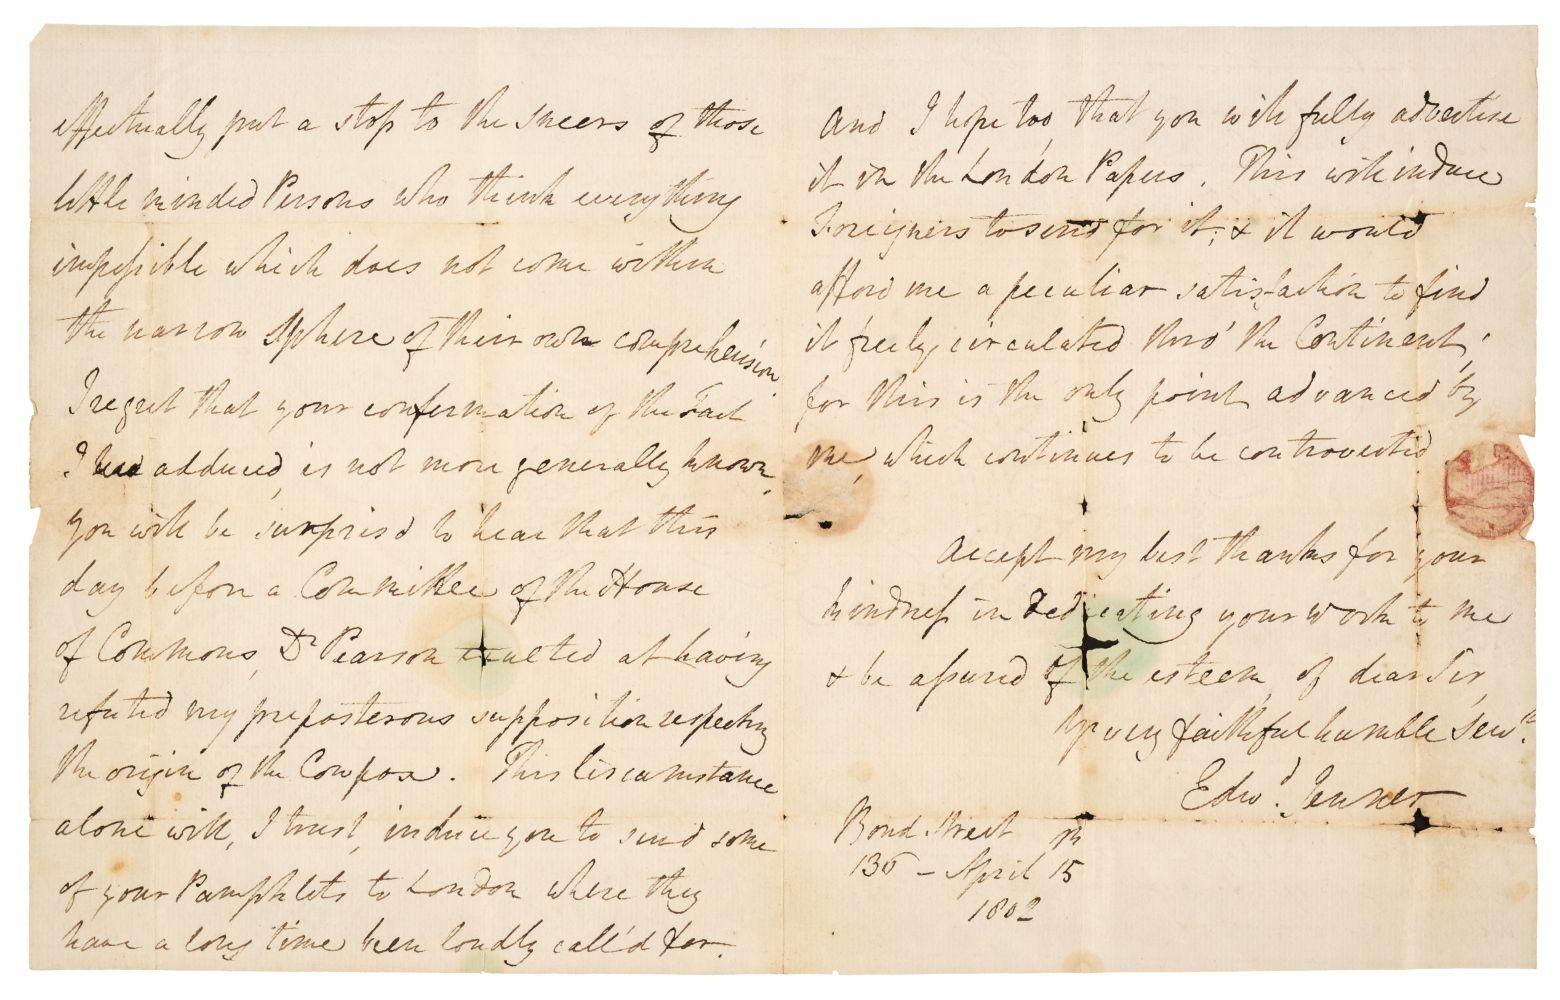 Carta de 1802 do pai da vacina é leiloada por 7 mil libras no Reino Unido (Foto: Printed Books, Maps & Decorative Prints, Autographs, Documents, The Donald & Monique King Collection)